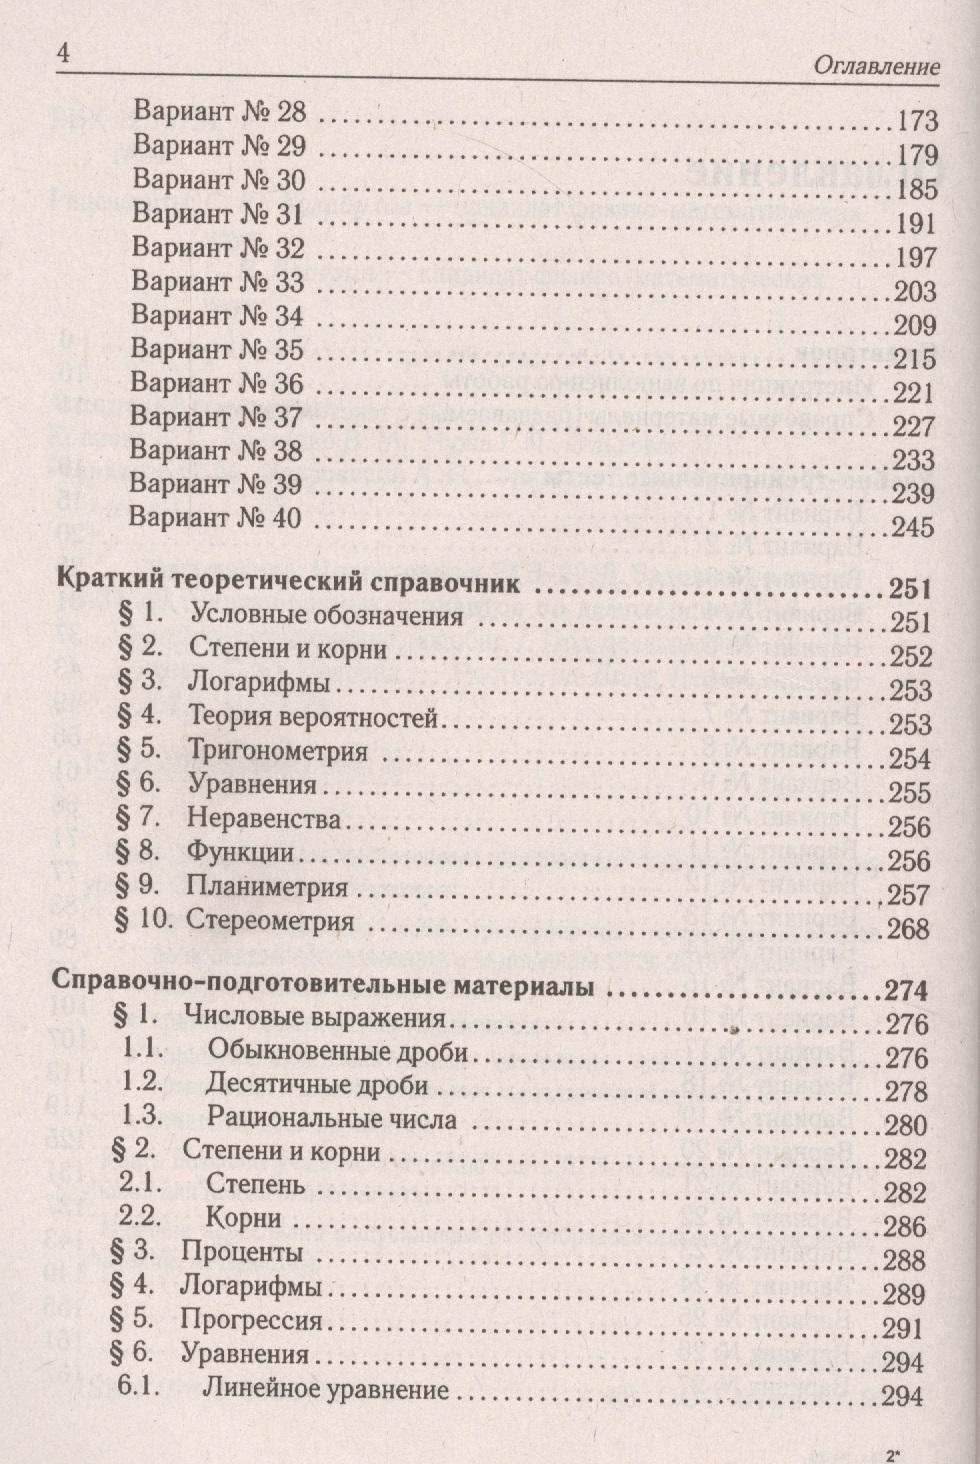 Гдз по сборнику егэ 2018 по редакцией лысенко